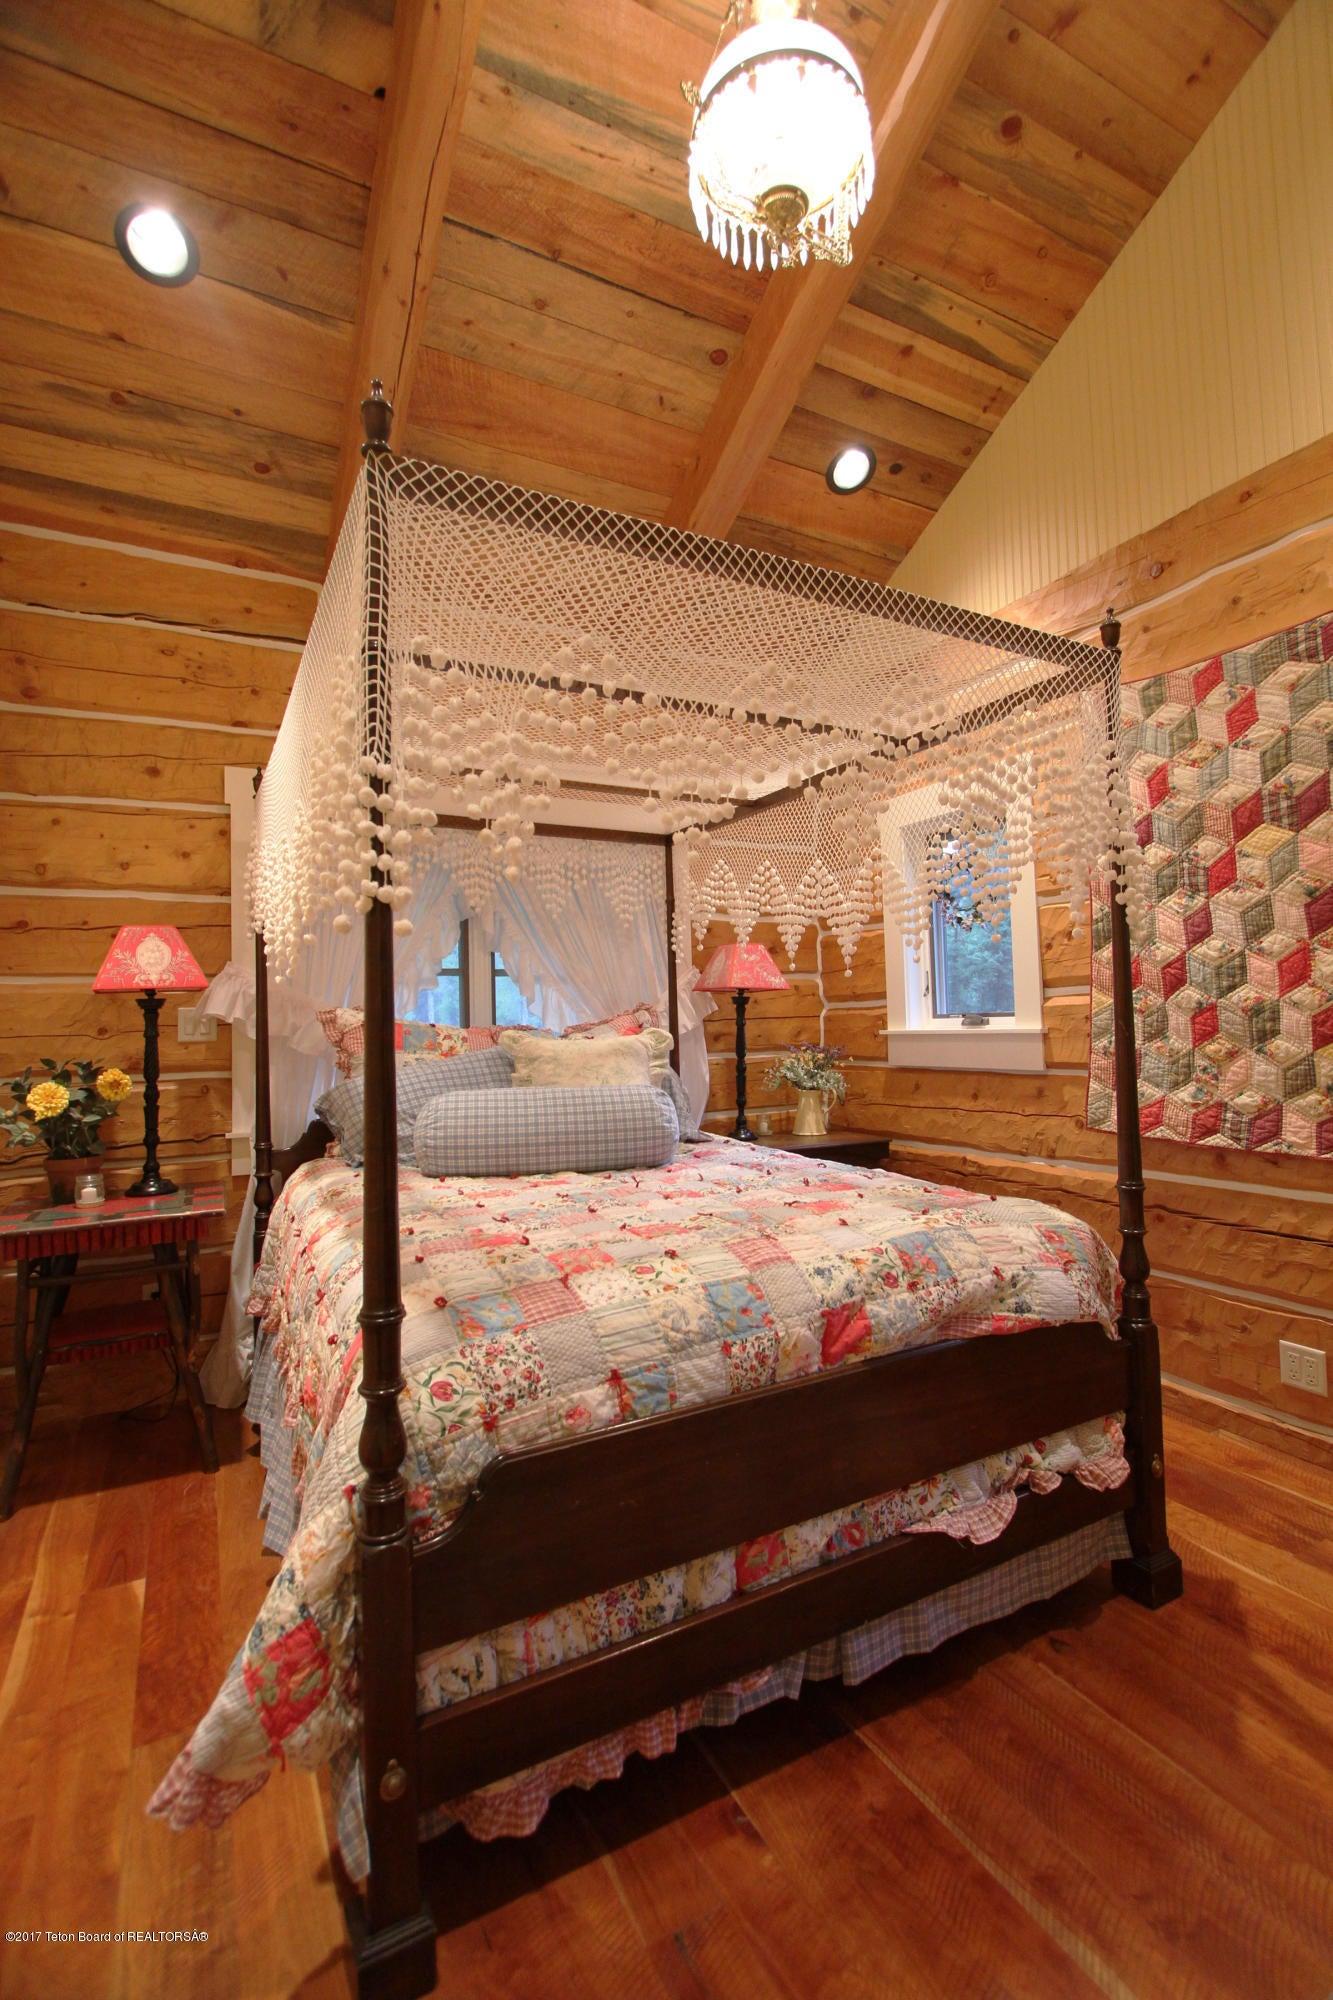 GH North Bedroom 1 300 dpi